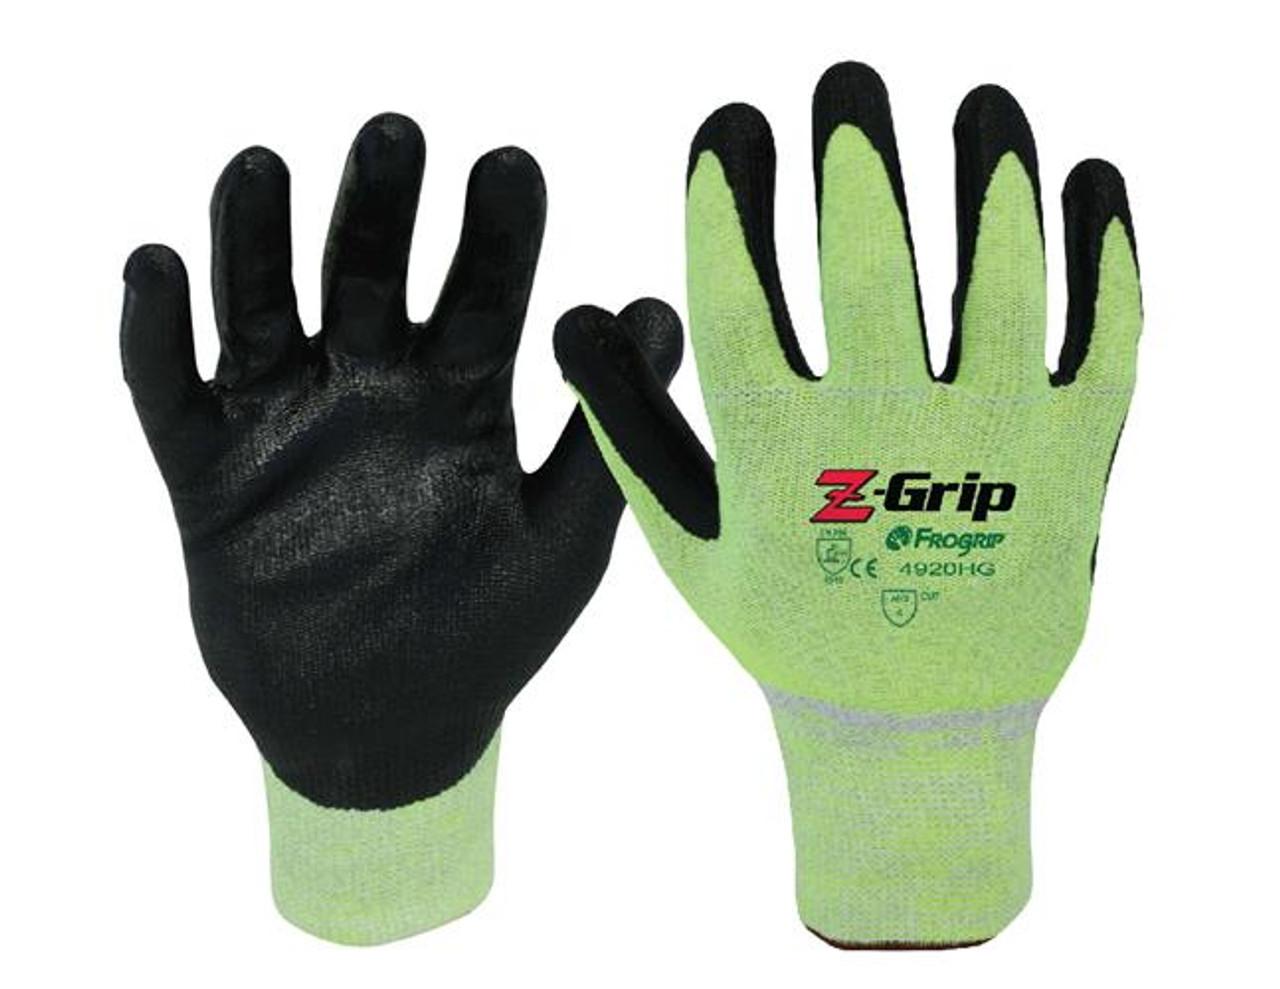 ANSI A4 - Z-GRIP Cut Resistant Nitrile Coated Gloves  ## 4920HG ##